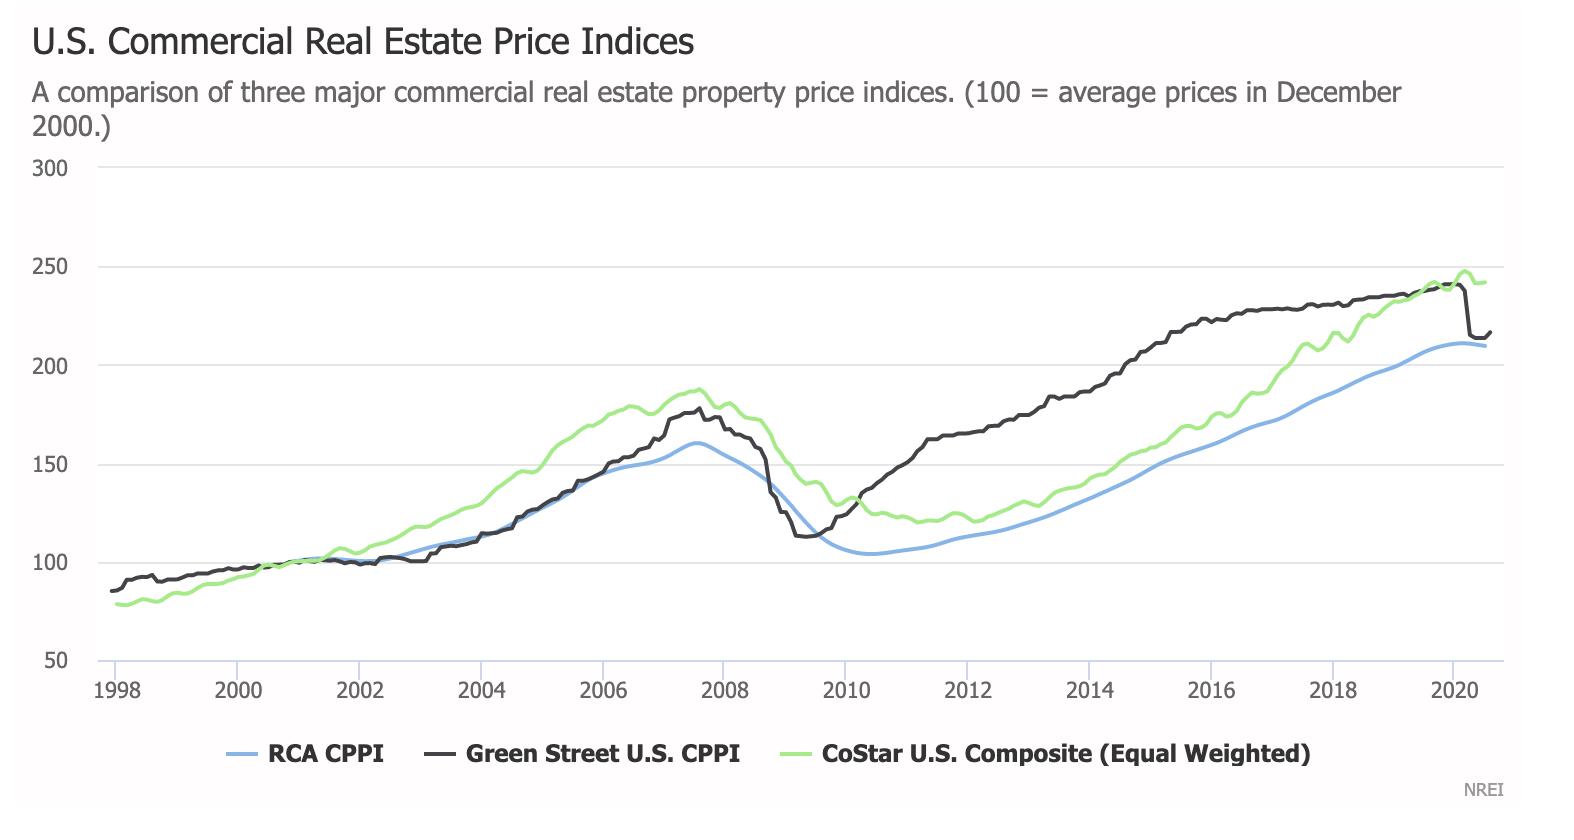 CRE Price Index